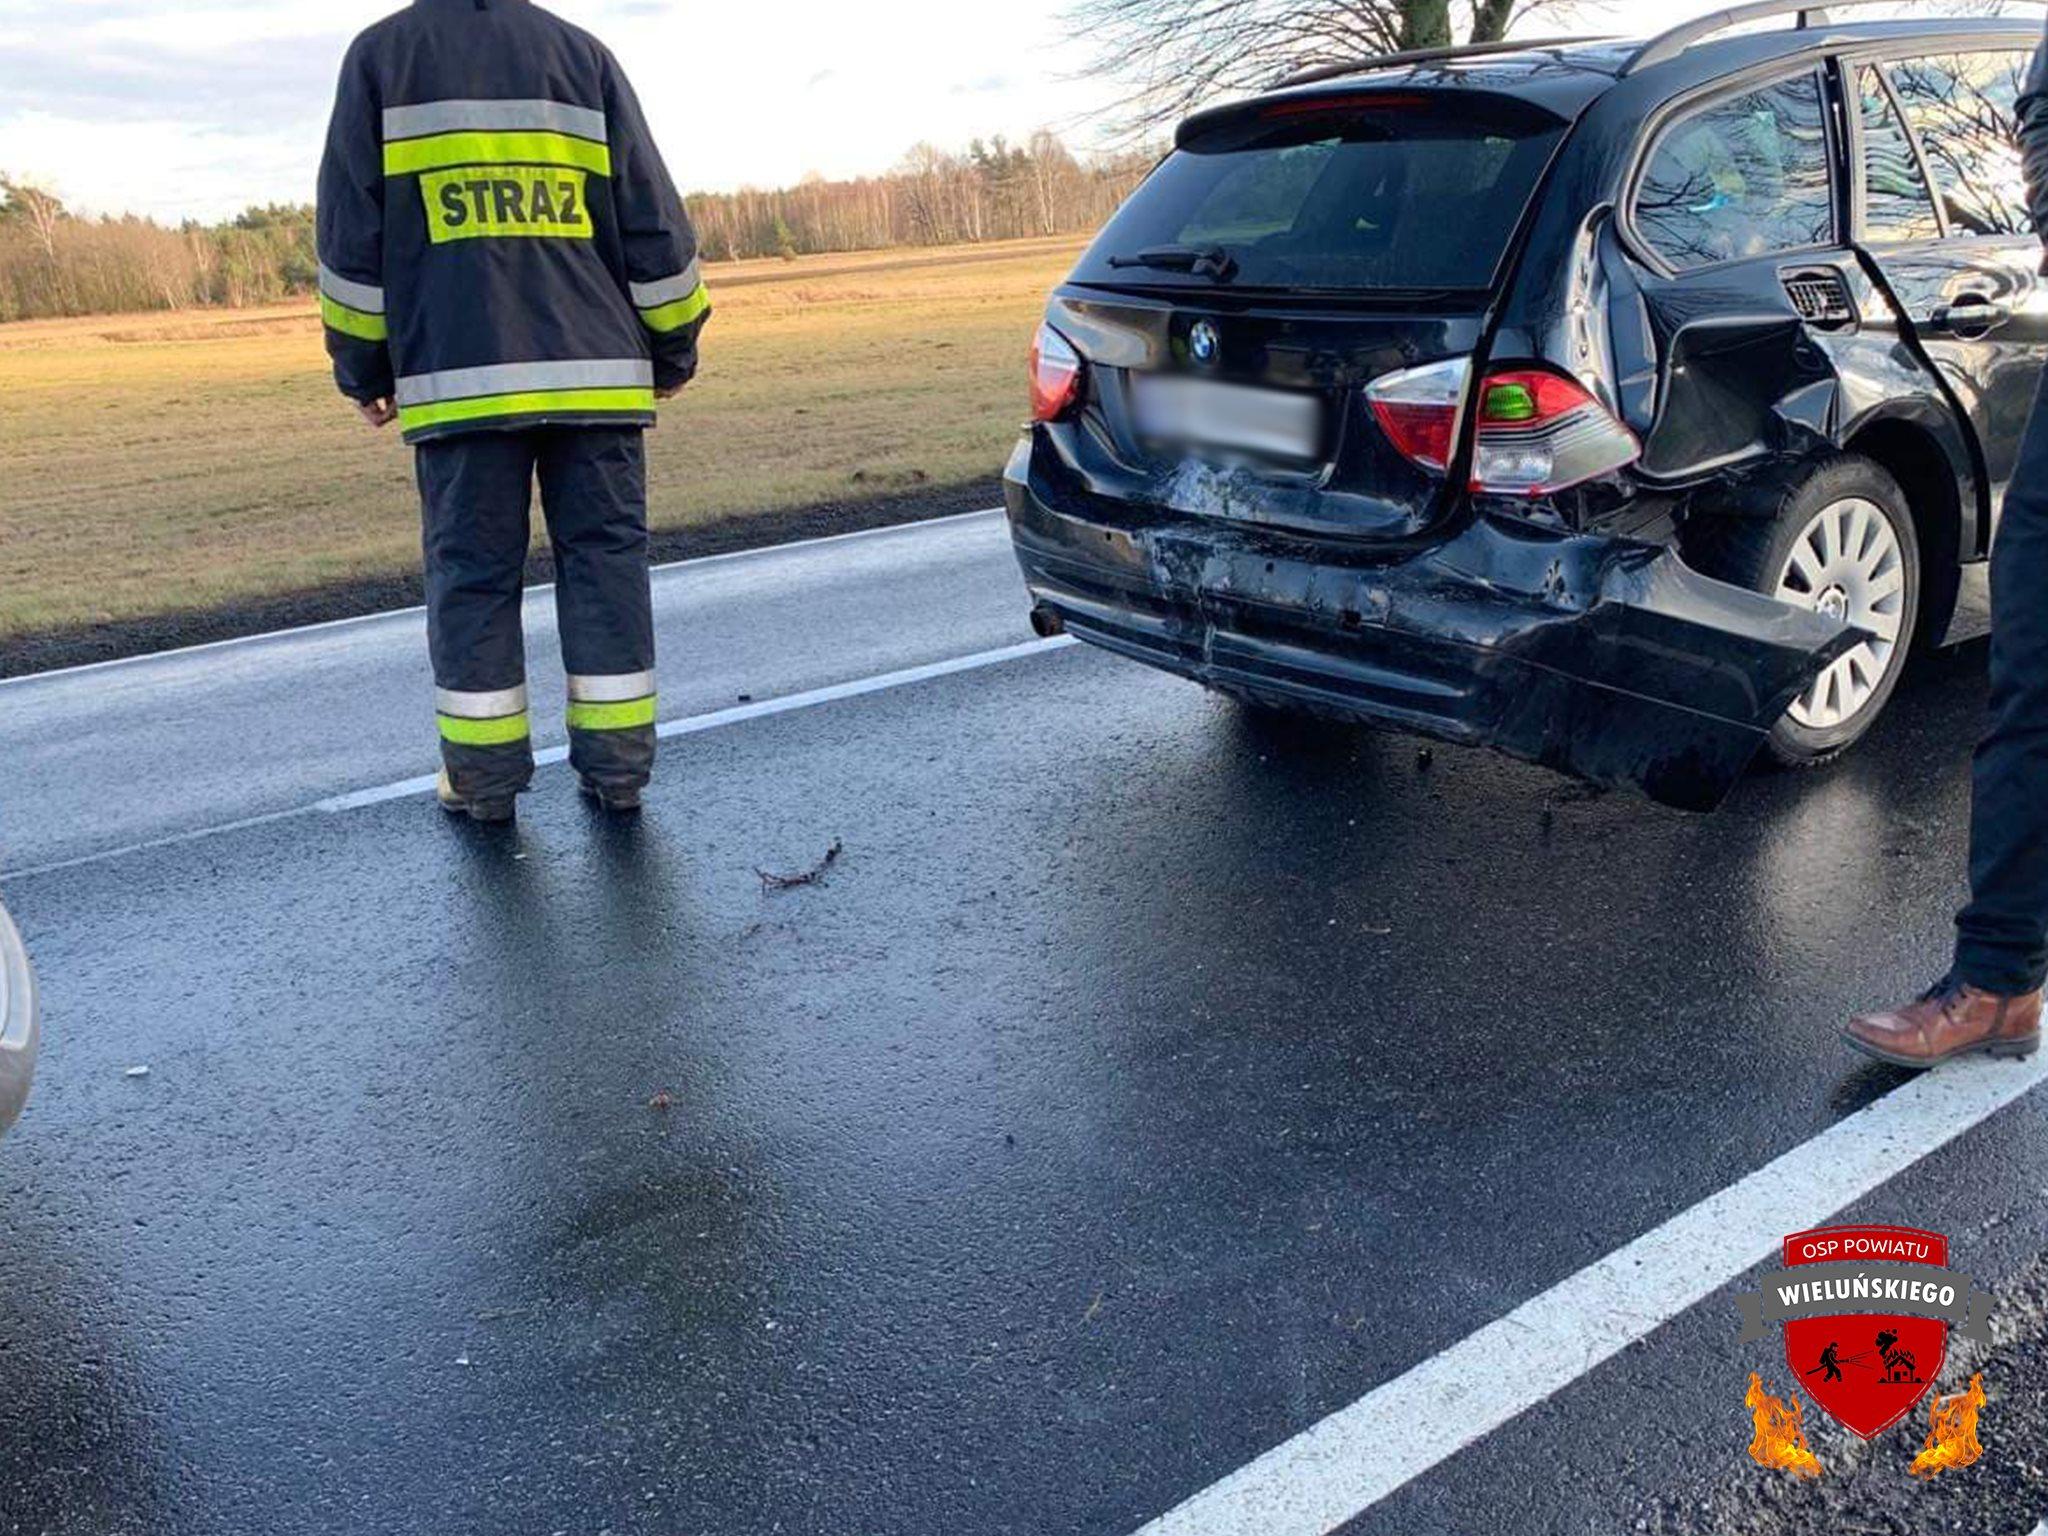 ALARM 1417 18.02.2020 Wypadek drogowy zudzialem 2 samochodow osobowych.xx&oh=971e512a39147eaa1338984cf27d2205&oe=5E911877 - ALARM   14:17   18.02.2020    Wypadek drogowy zudziałem 2 samochodów osobowych,...